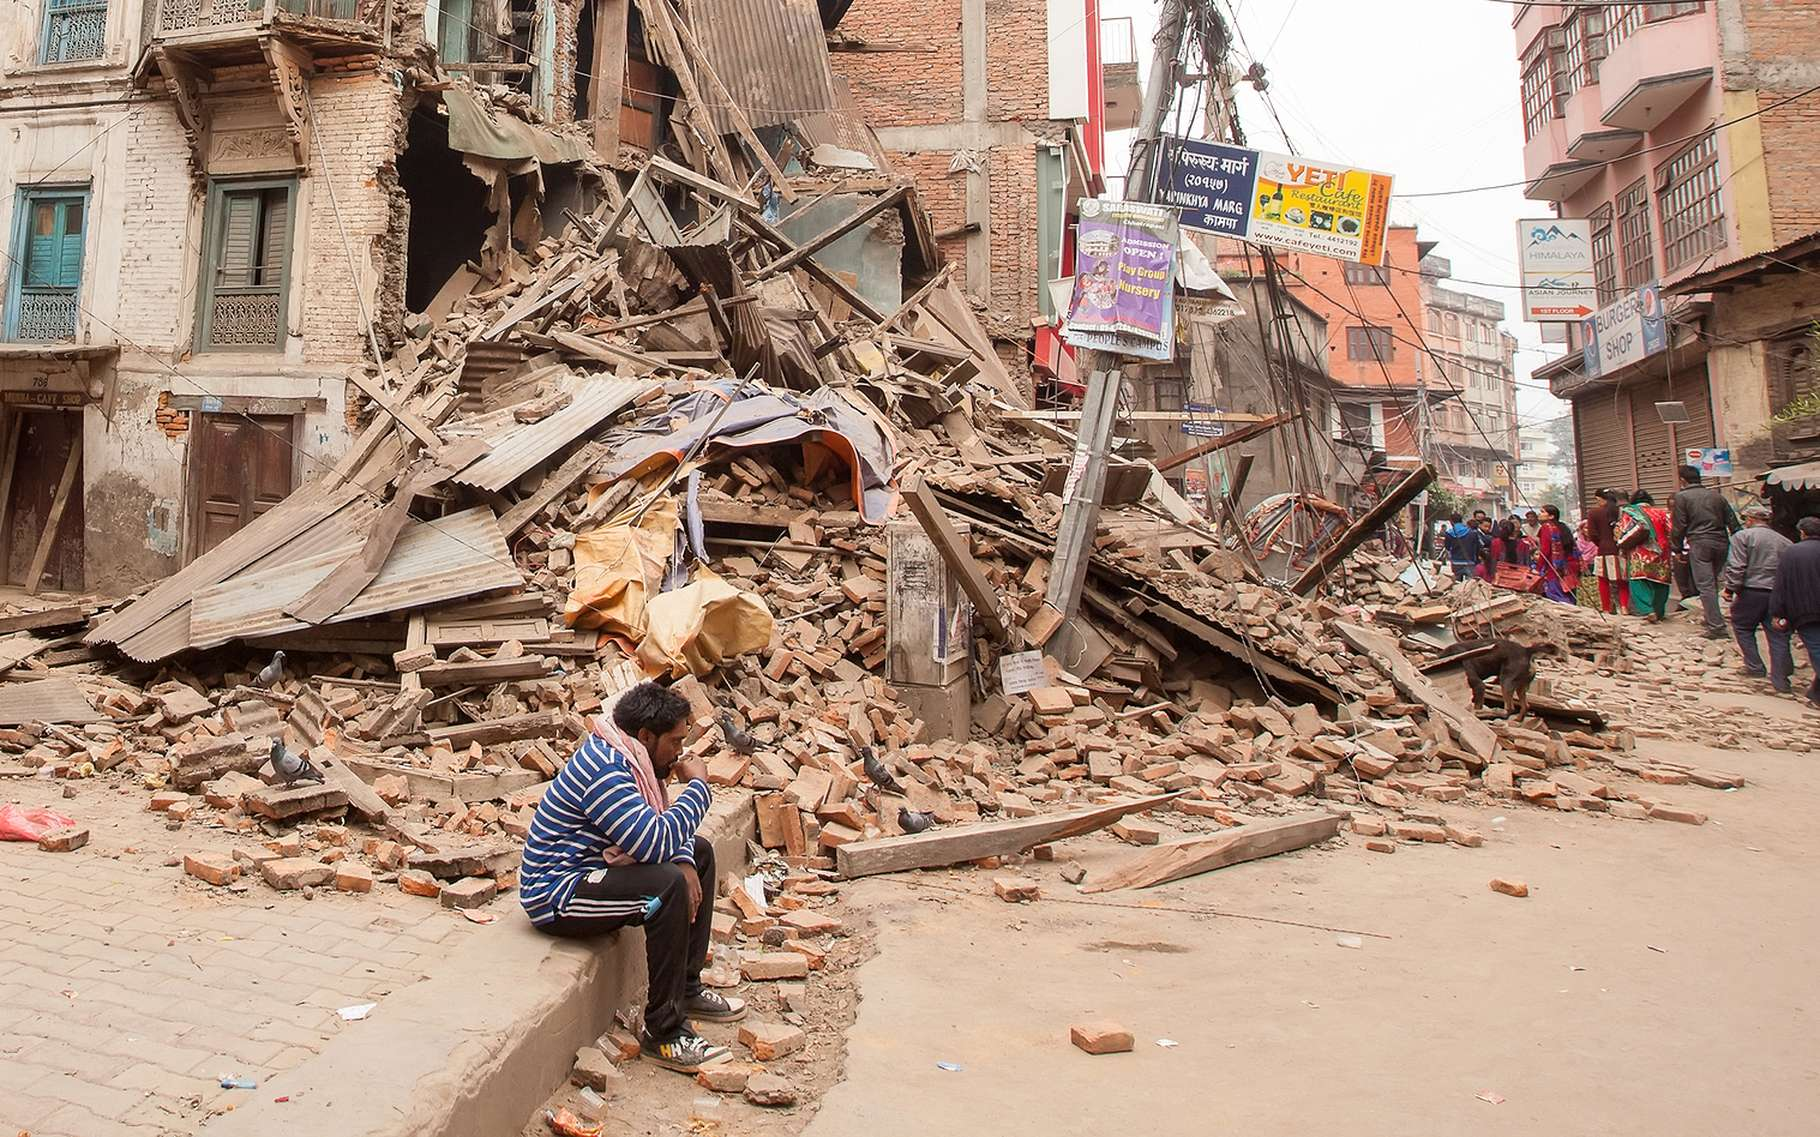 Pour protéger nos villes des tremblements de terre, certains cherchent à dévier les ondes sismiques, d'autres espèrent réussir à les atténuer. © My Good Images, Shutterstock